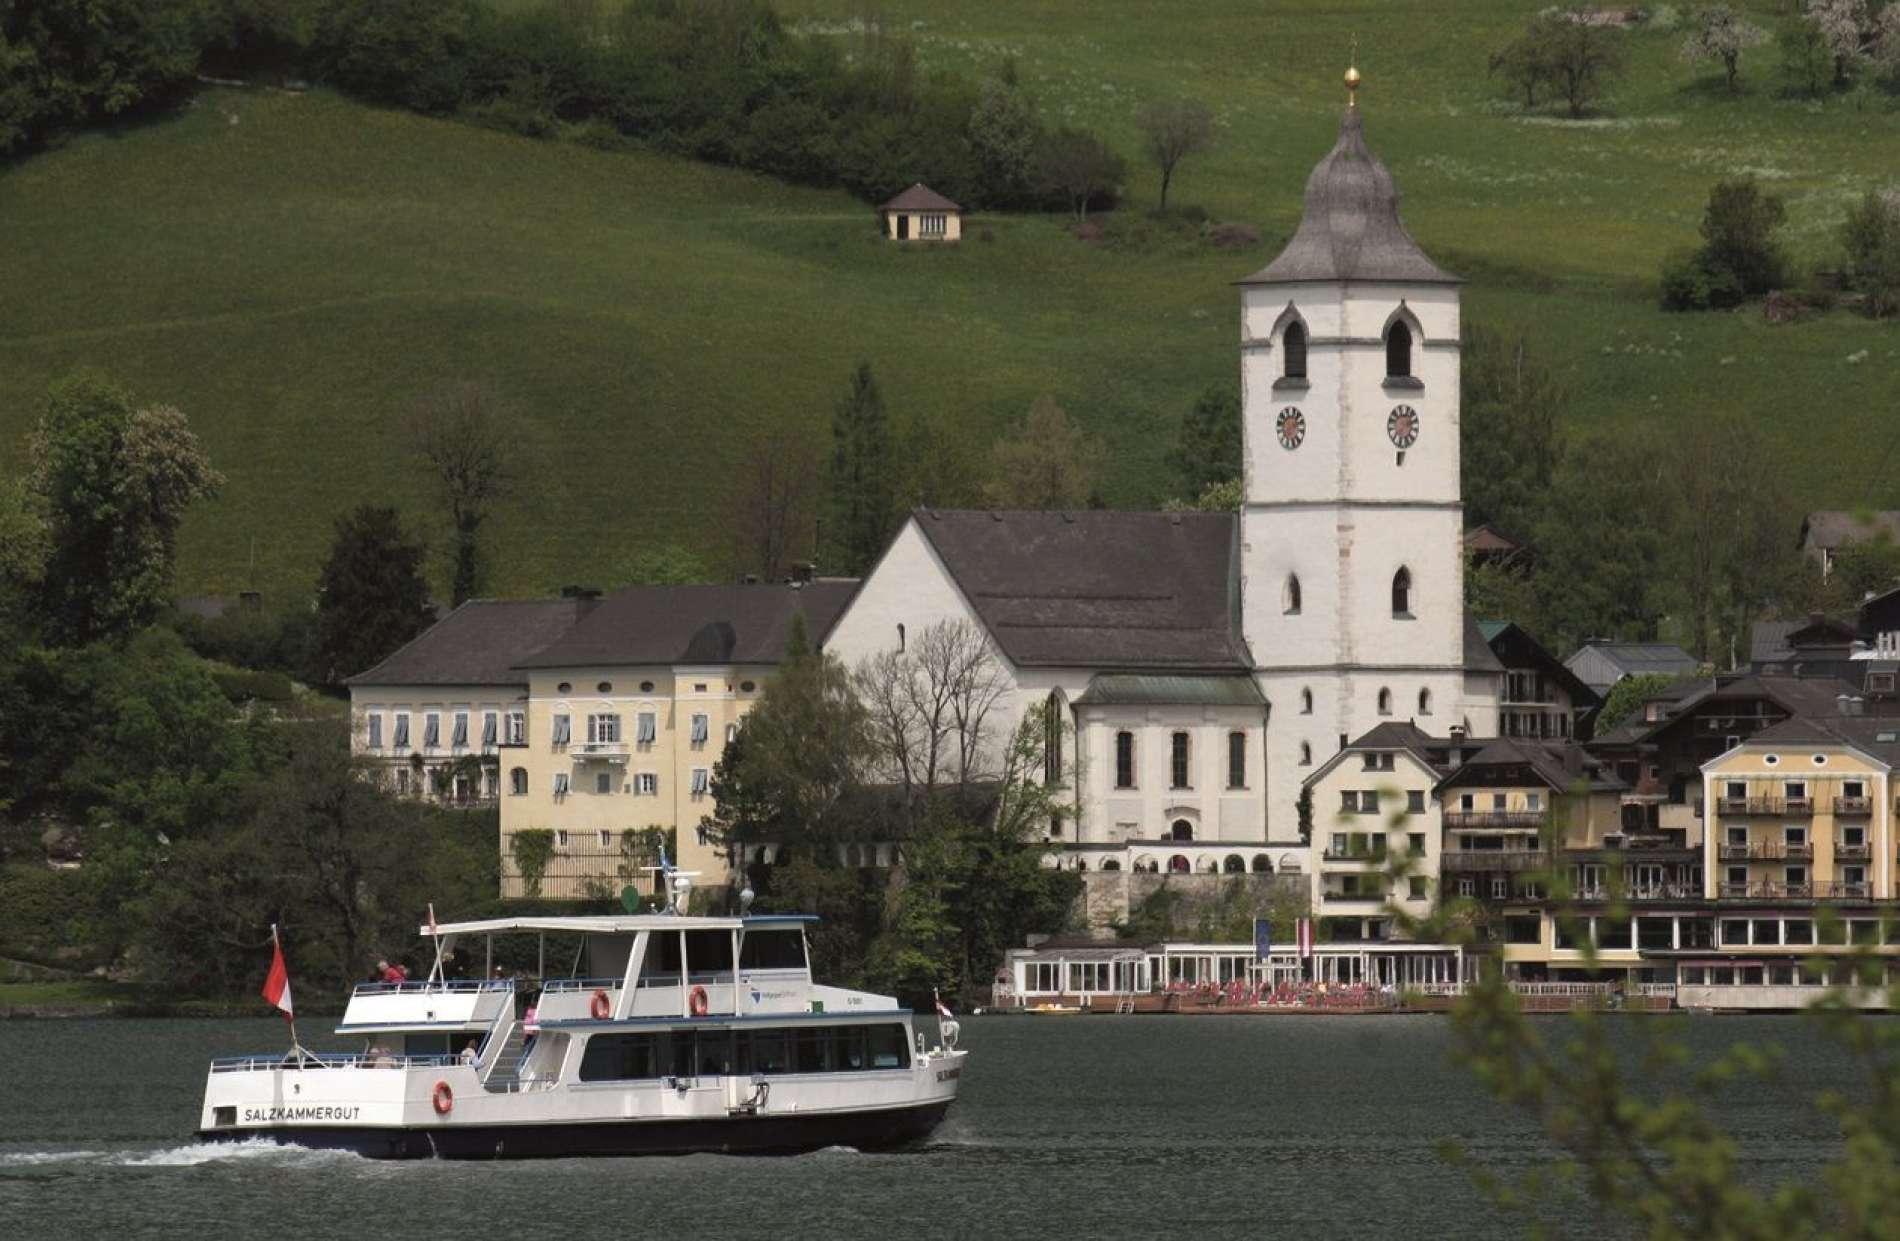 Im Ranking der beliebtesten Ausflugsziele in OÖ rangiert die Wolfgangseeschifffahrt hinter der Linzer Pöstlingbergbahn auf Platz zwei. Dahinter folgen laut einer neuen Studie der Nationalpark Kalkalpen, die Salzwelten Hallstatt und die Schafbergbahn.